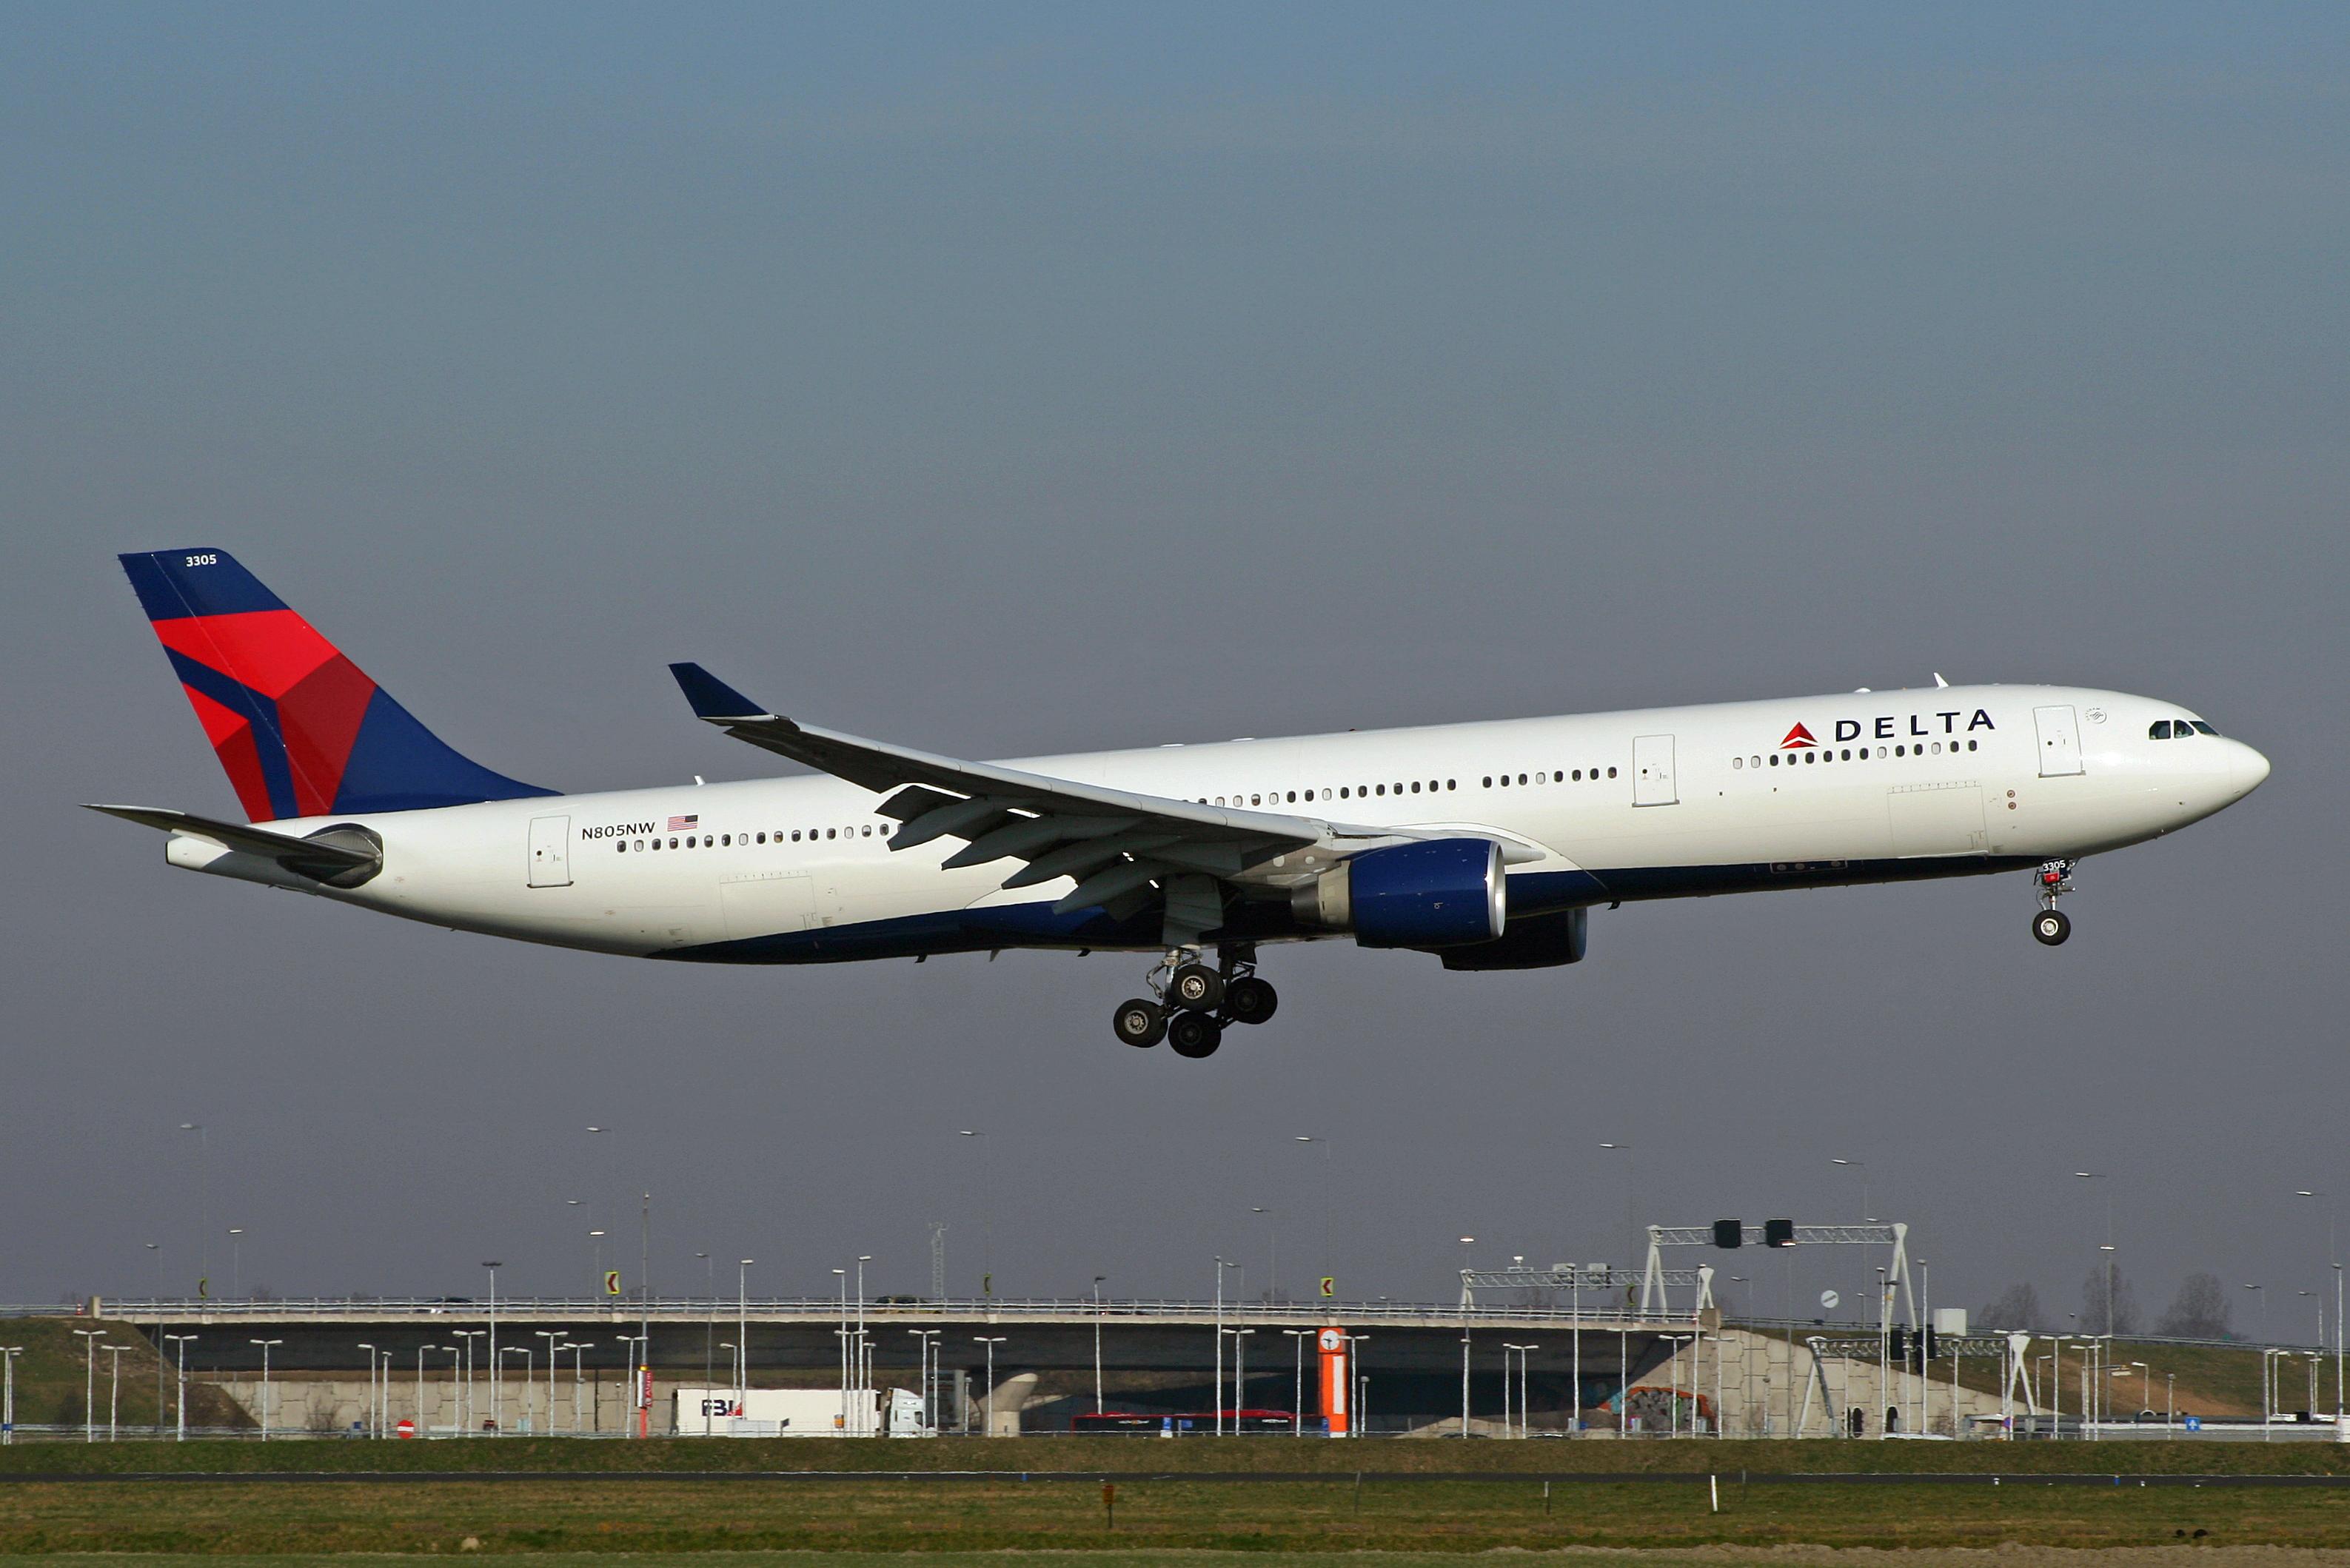 En Airbus A330-300 fra det amerikanske flyselskab Delta Air Lines. Foto: Björn Strey